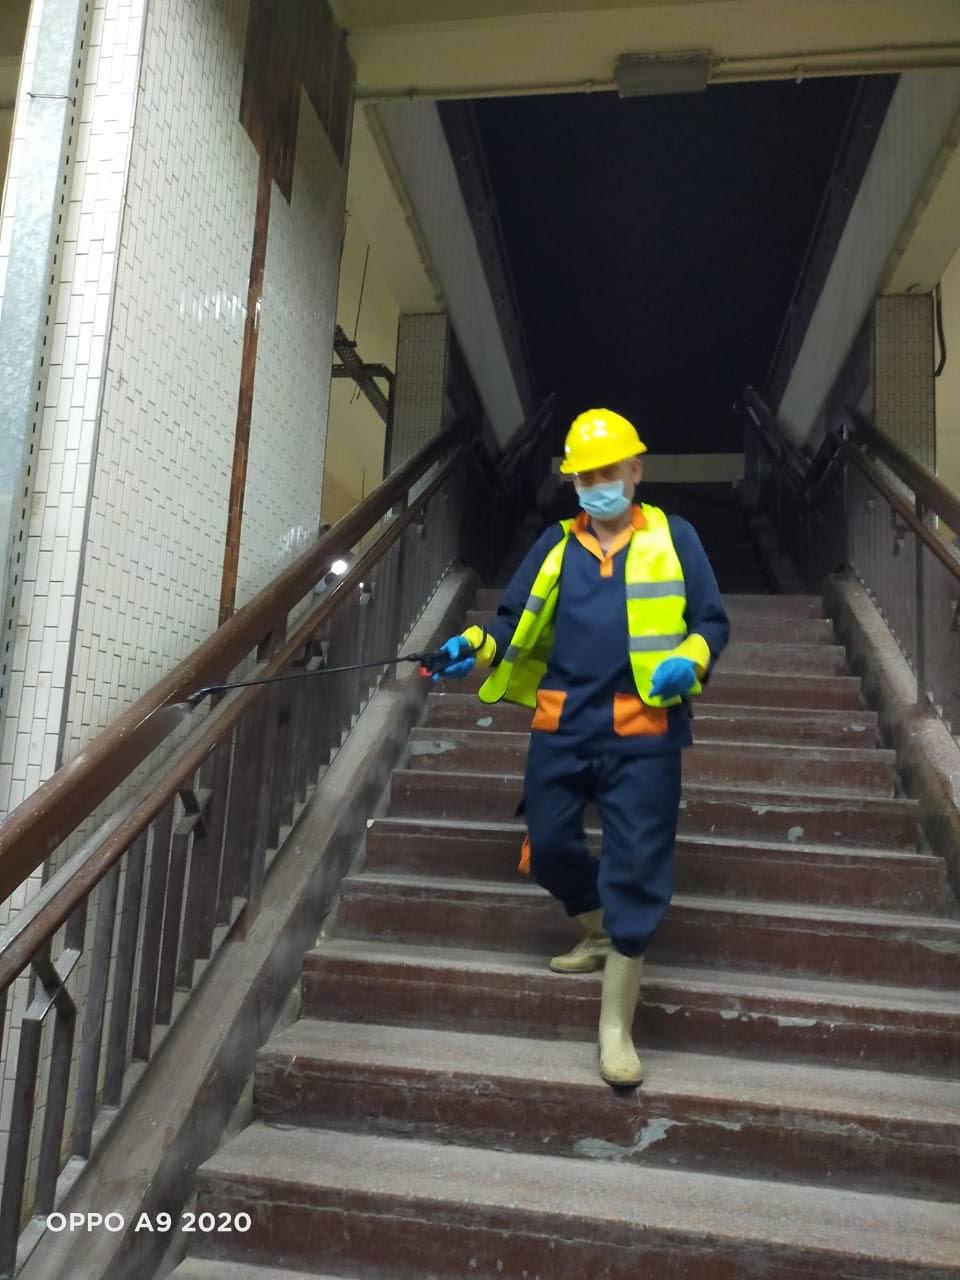 المترو يواصل أعمال تعقيم وتطهير القطارات والمحطات ضد كورونا (19)